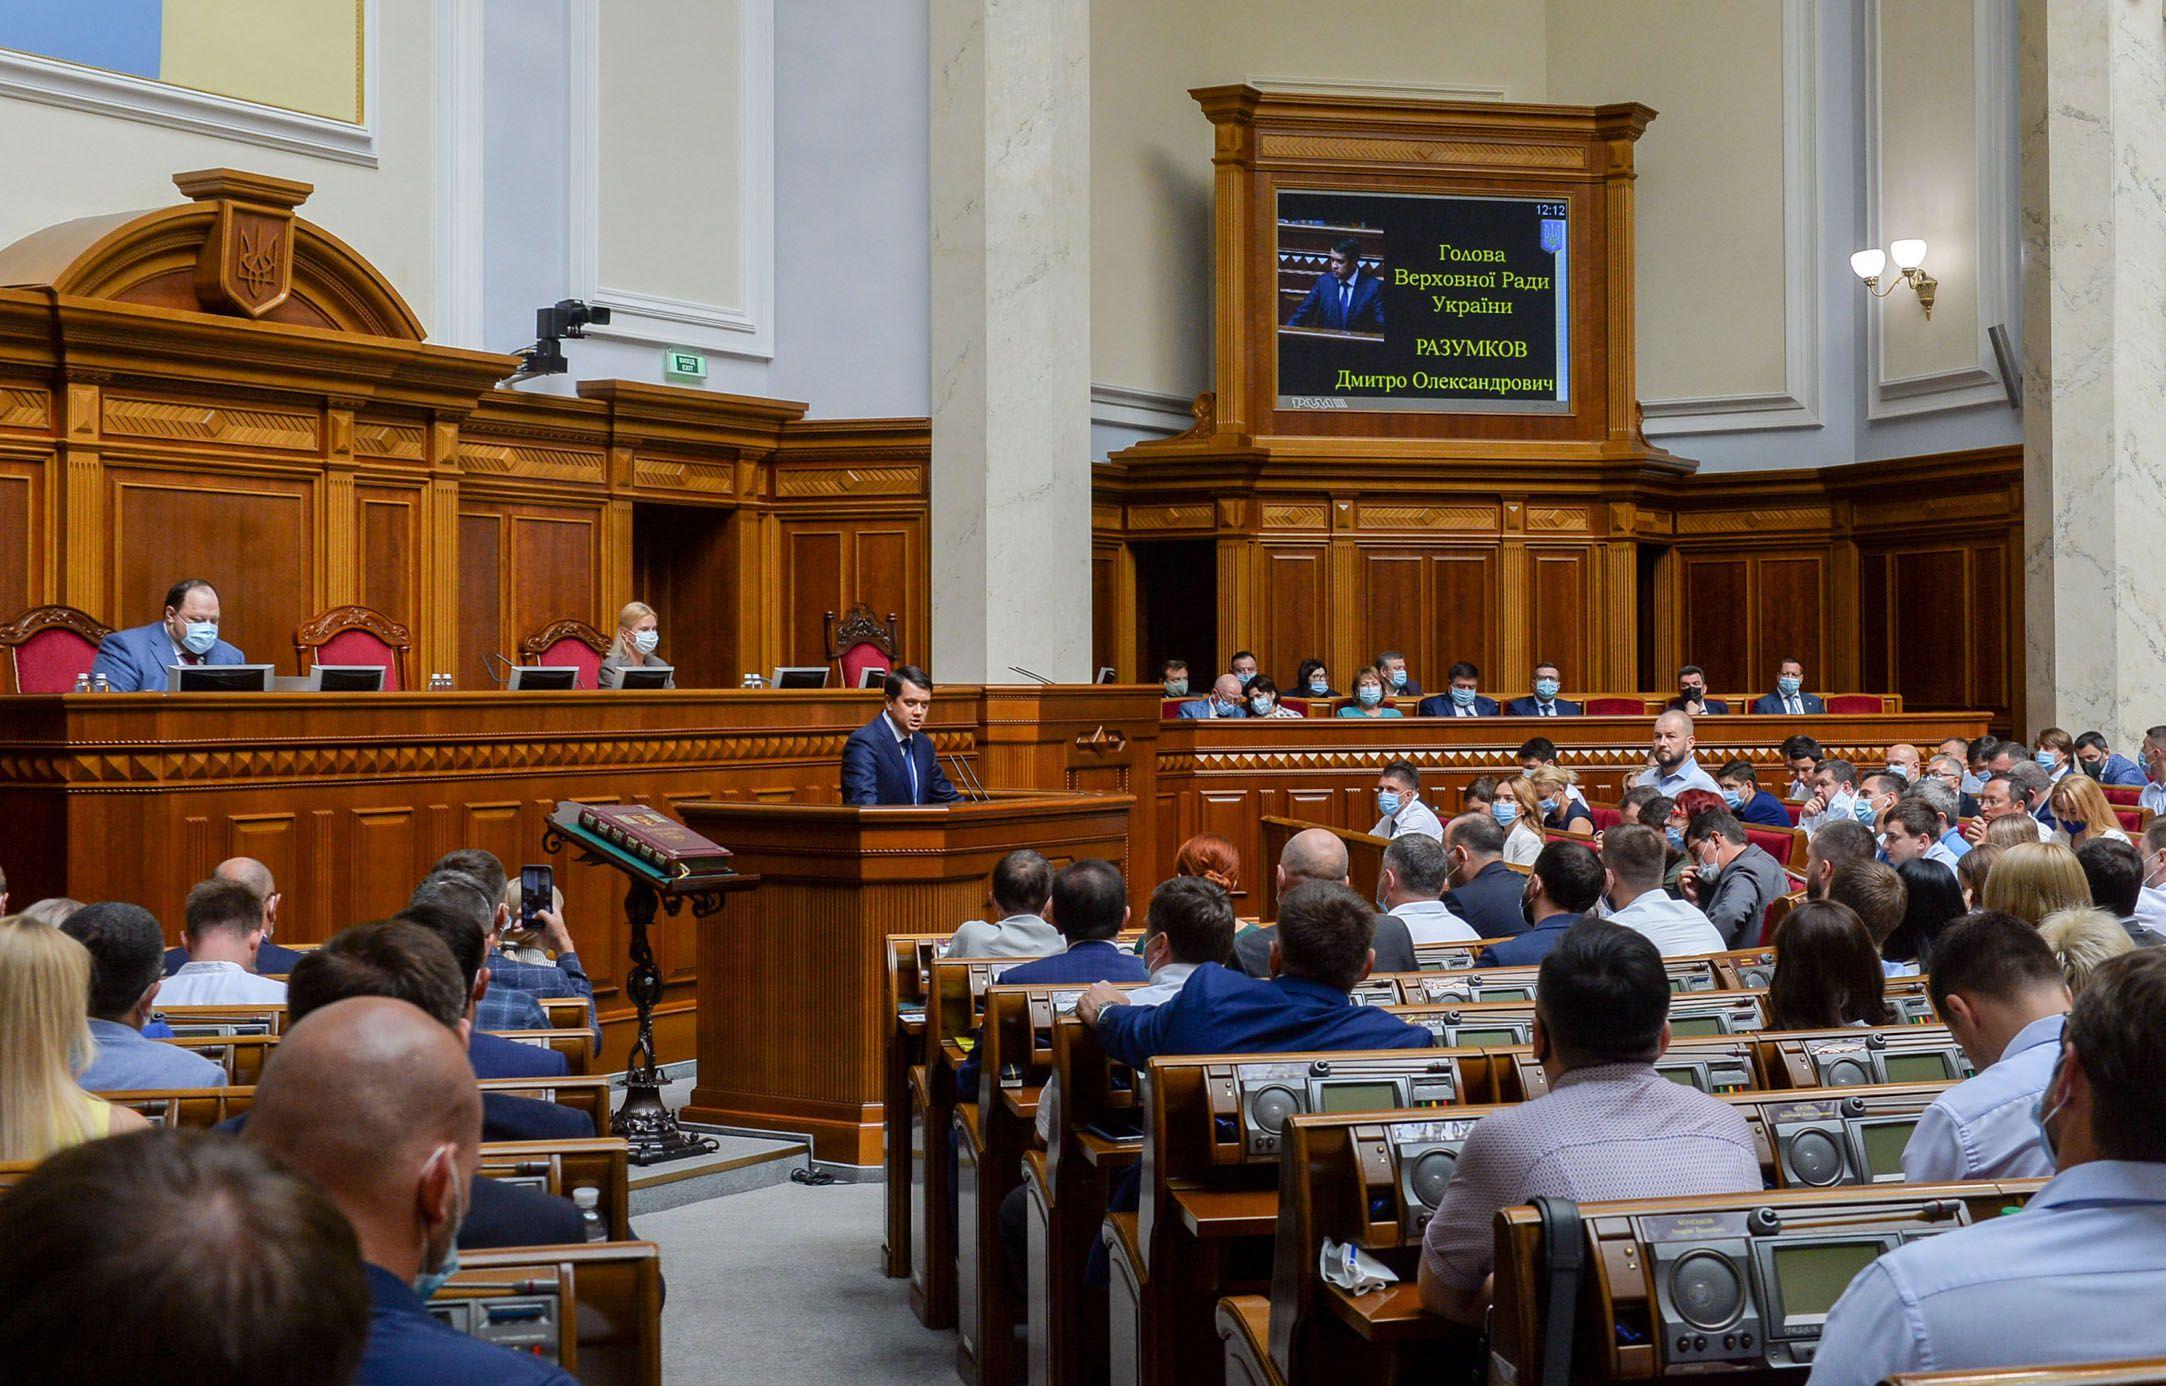 У державі сильні, потужні, надійні інституції, головною з яких, згідно з Конституцією, є Верховна Рада України